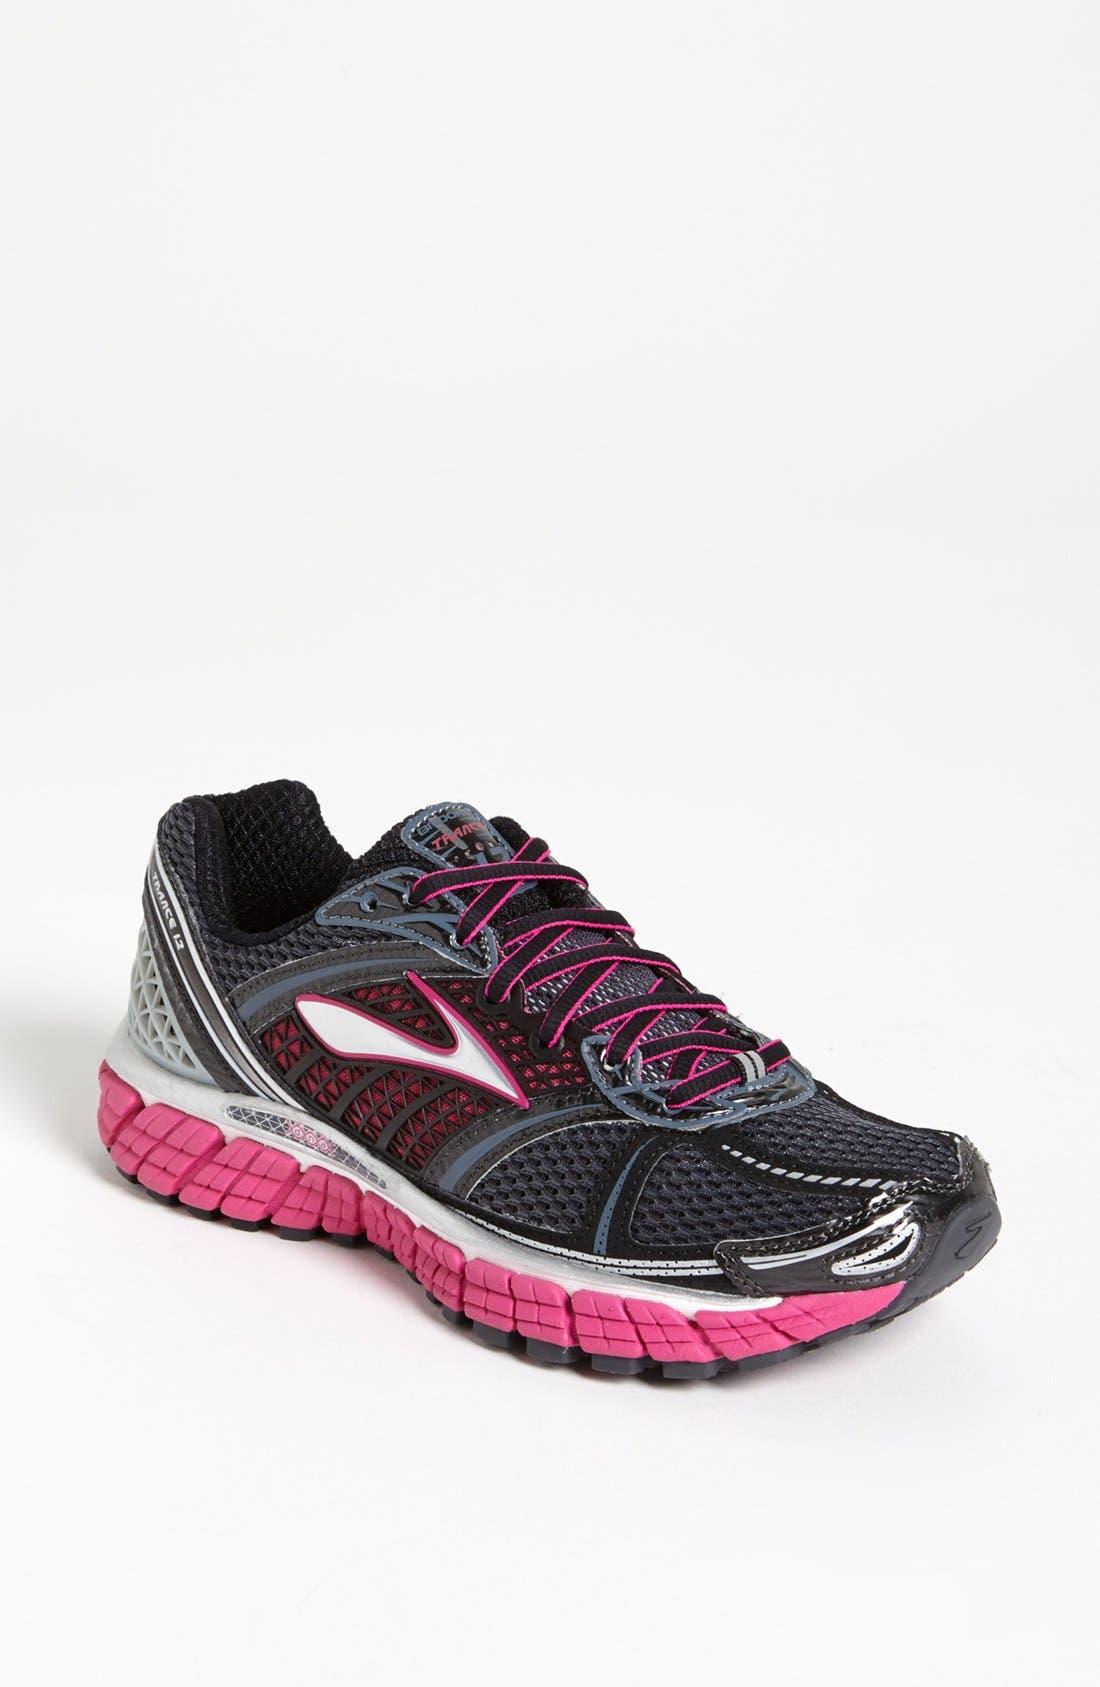 Alternate Image 1 Selected - Brooks 'Trance 12' Running Shoe (Women)(Regular Retail Price: $149.95)